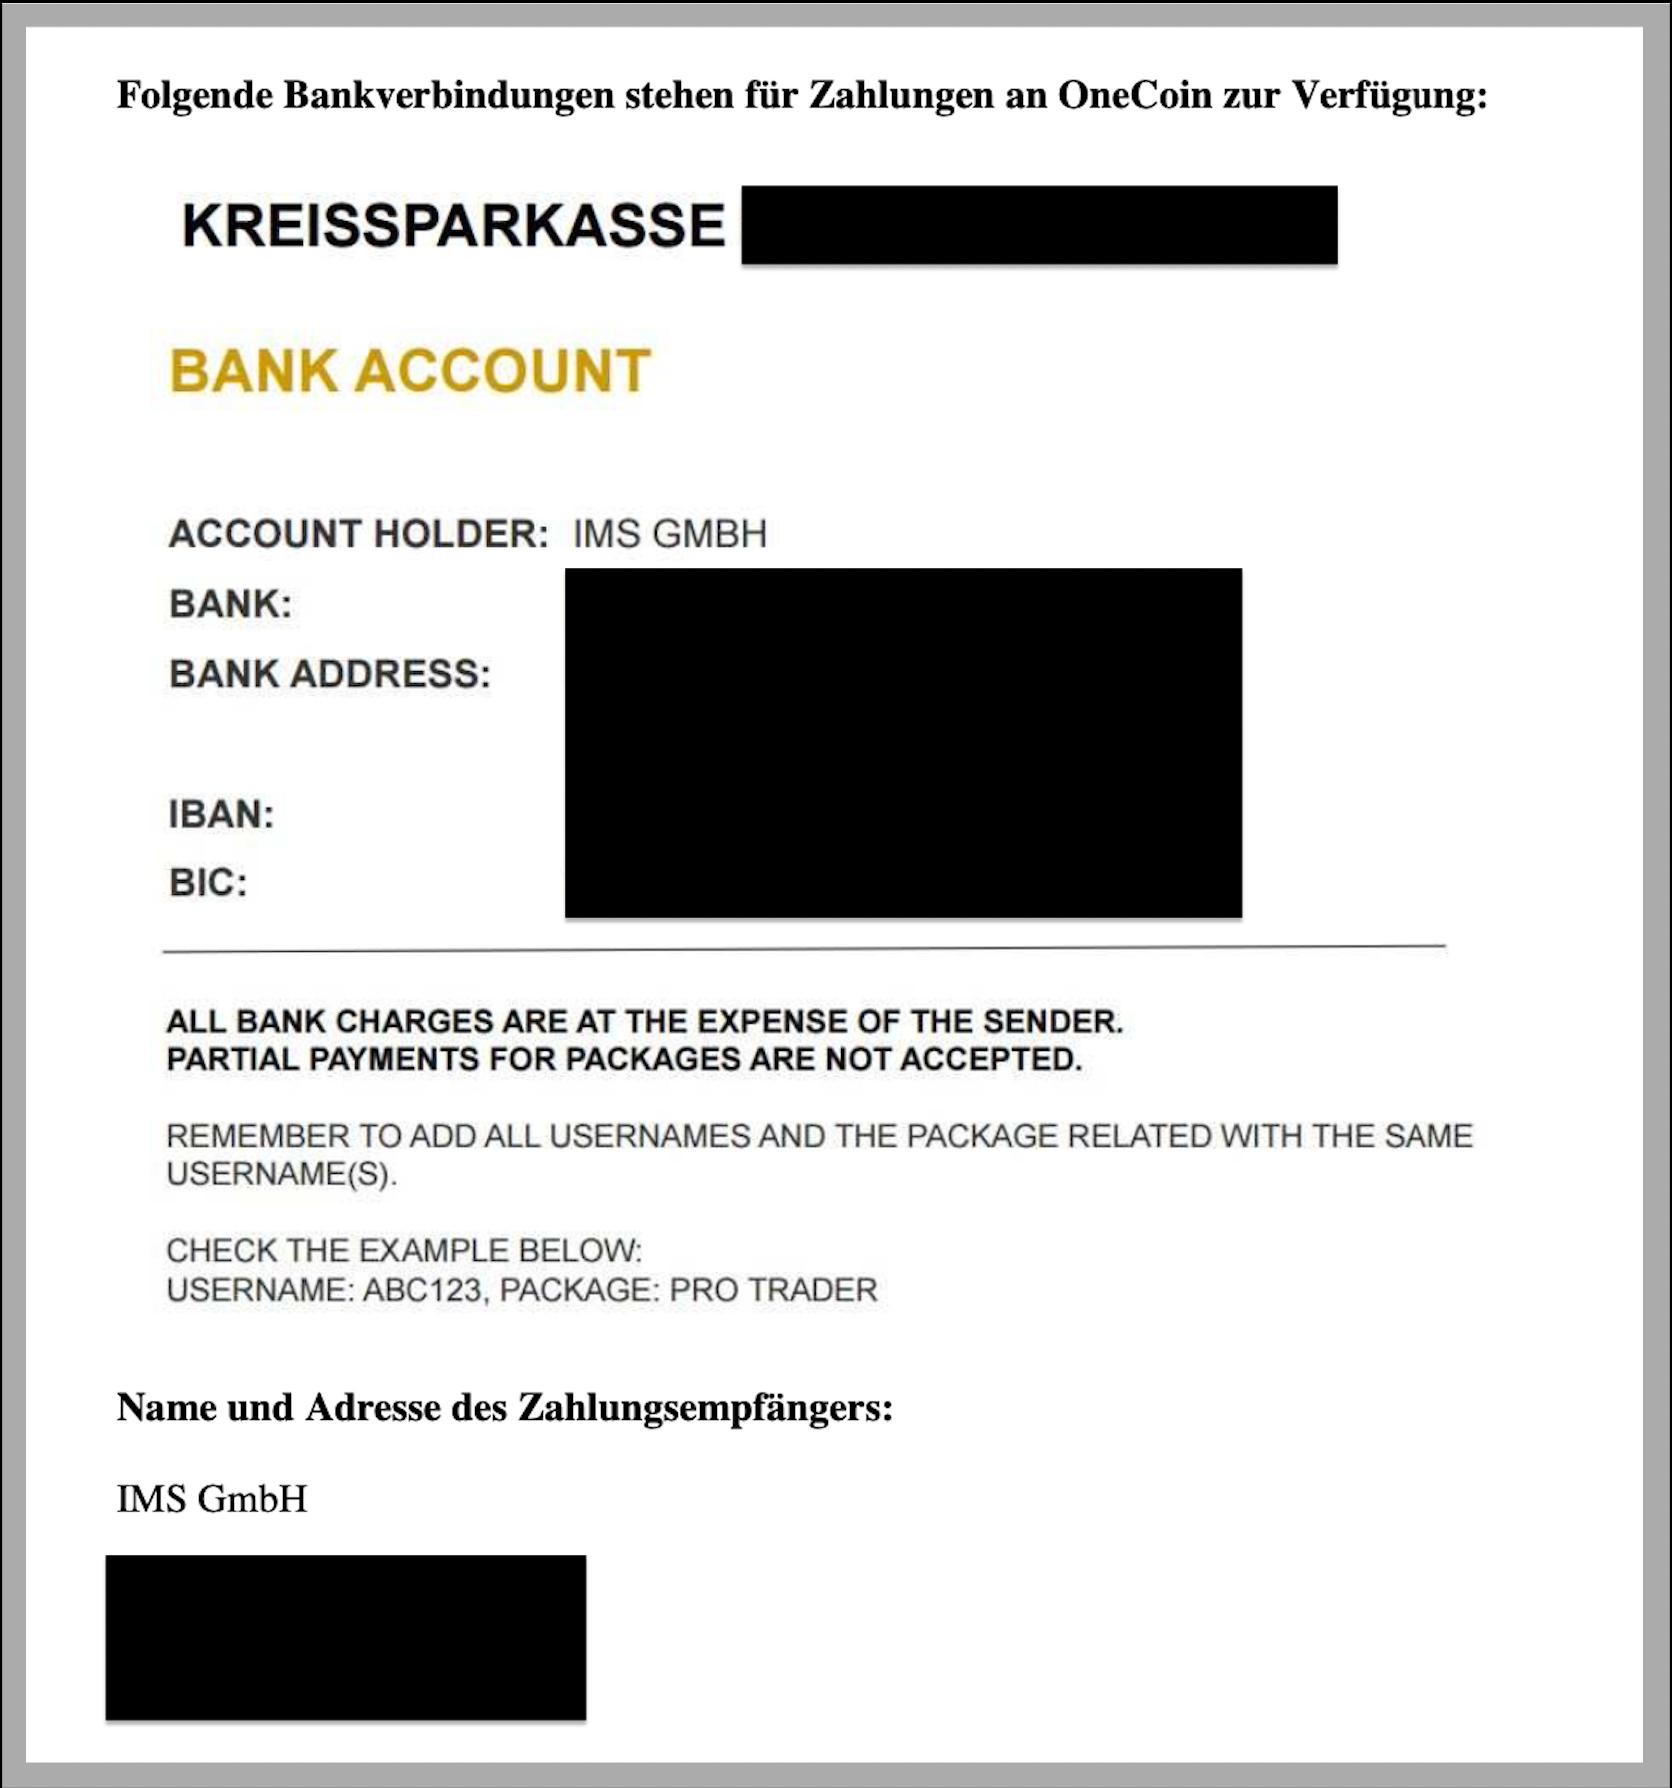 Auszug aus einer Werbe-Präsentation mit Angabe der Bankverbindung bei der IMS GmbH.